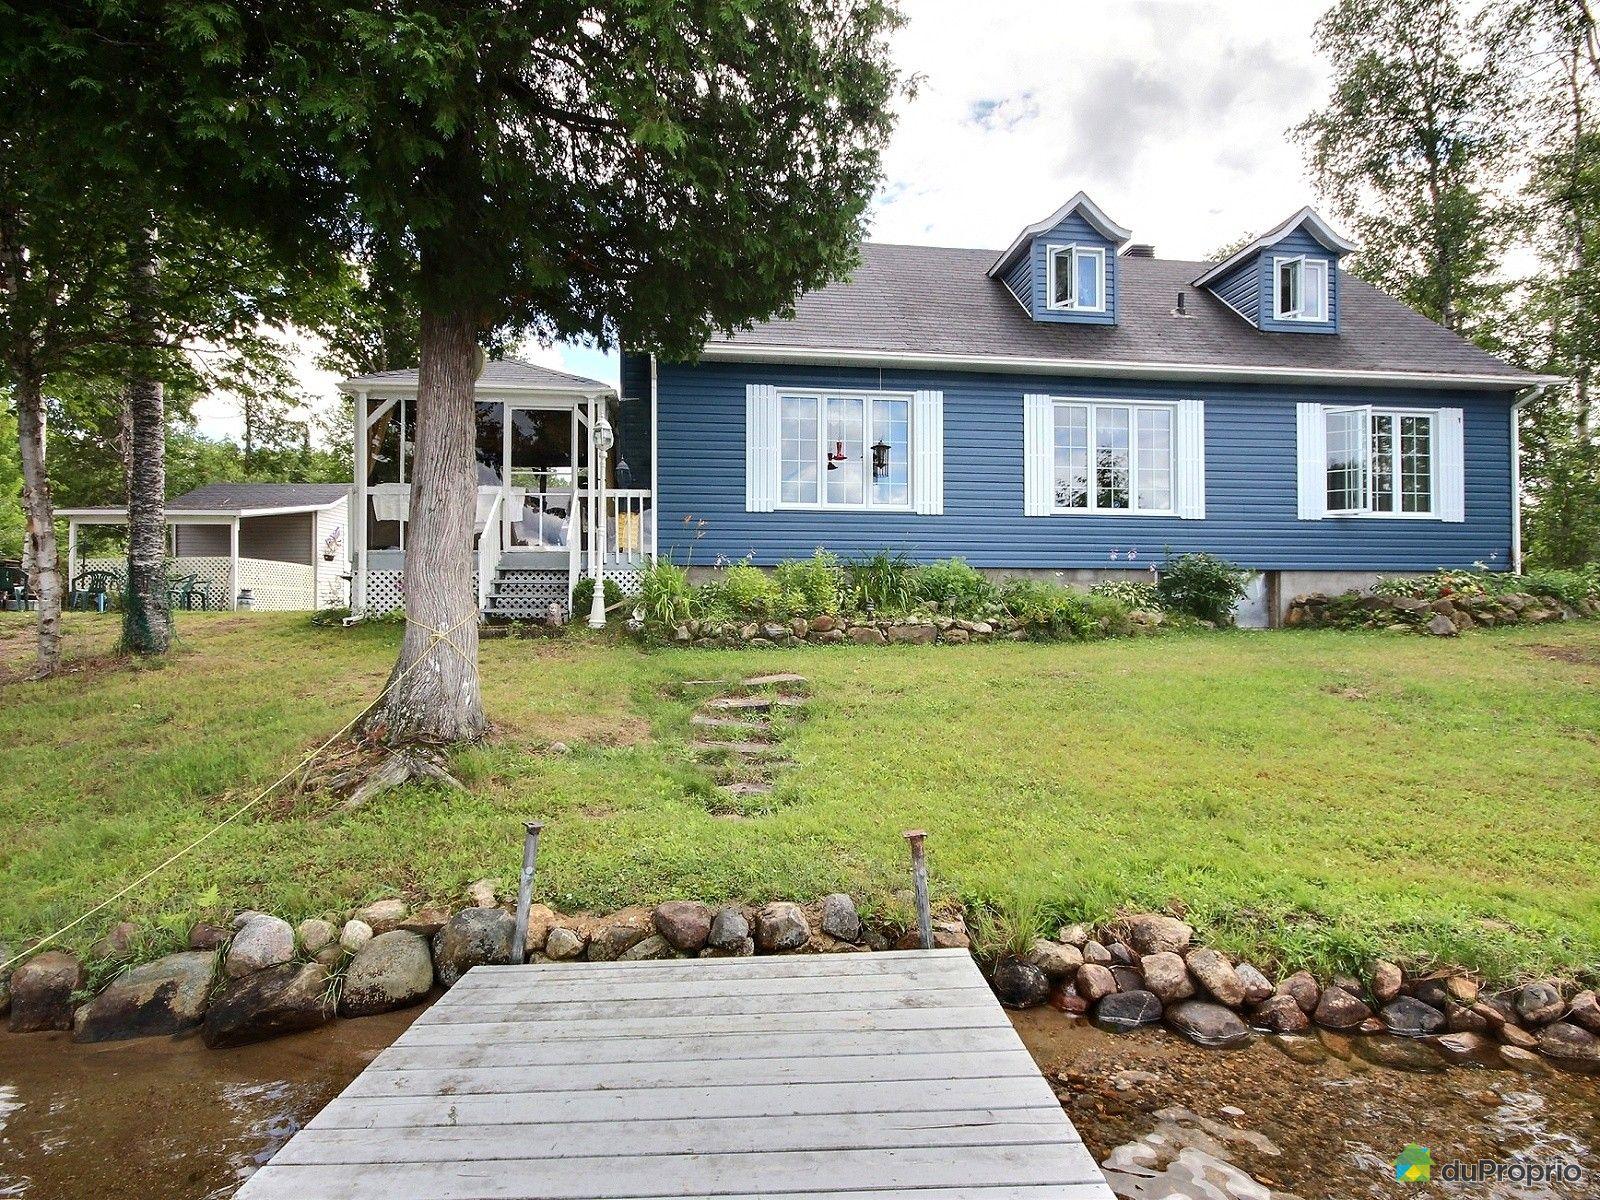 maison vendre ste anne du lac 70 mont e des lacs immobilier qu bec duproprio 630955. Black Bedroom Furniture Sets. Home Design Ideas